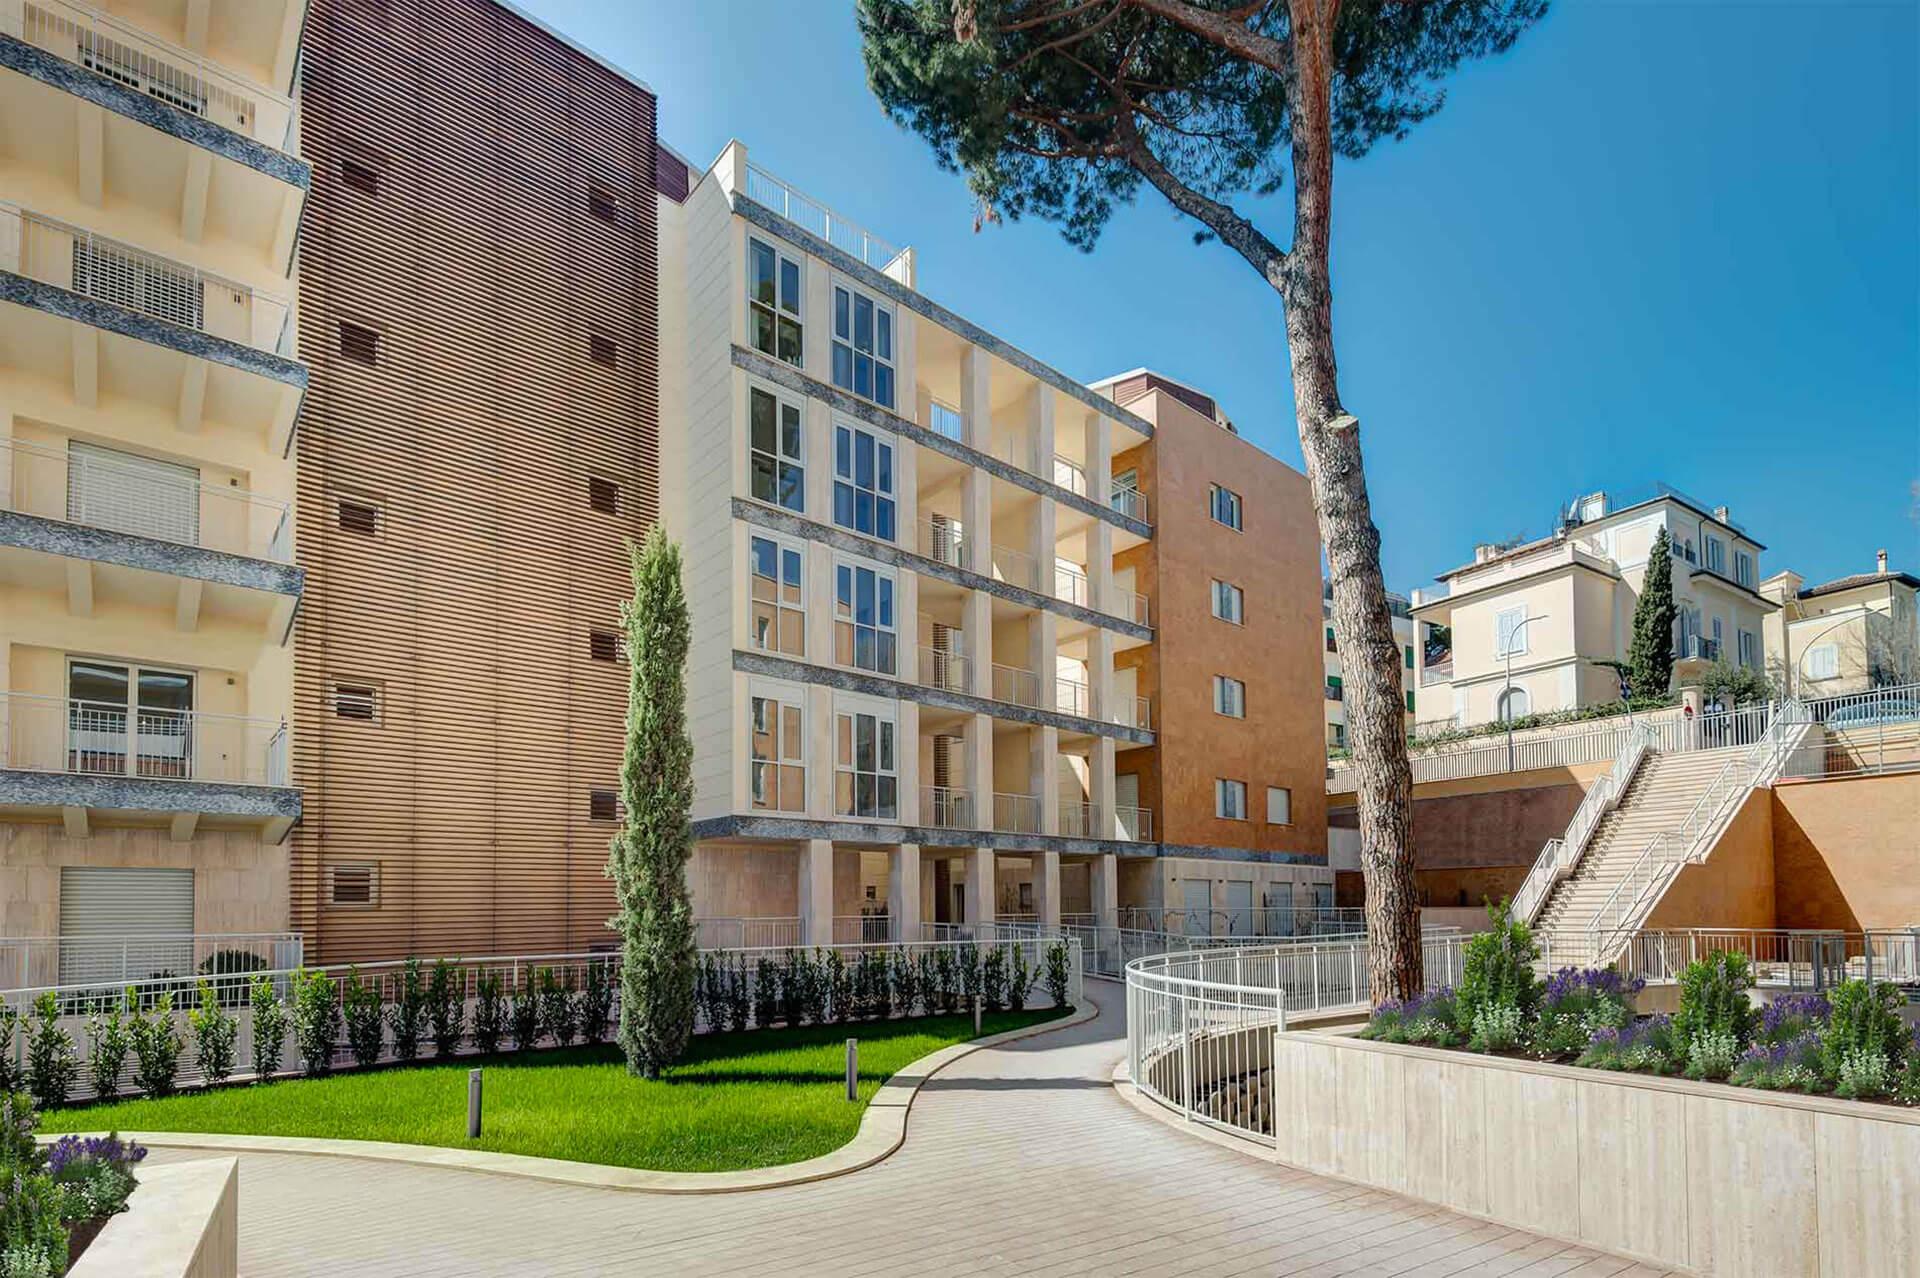 Bnp paribas re investe in centro e avvia vendite al 39 domus for Aventino immobiliare